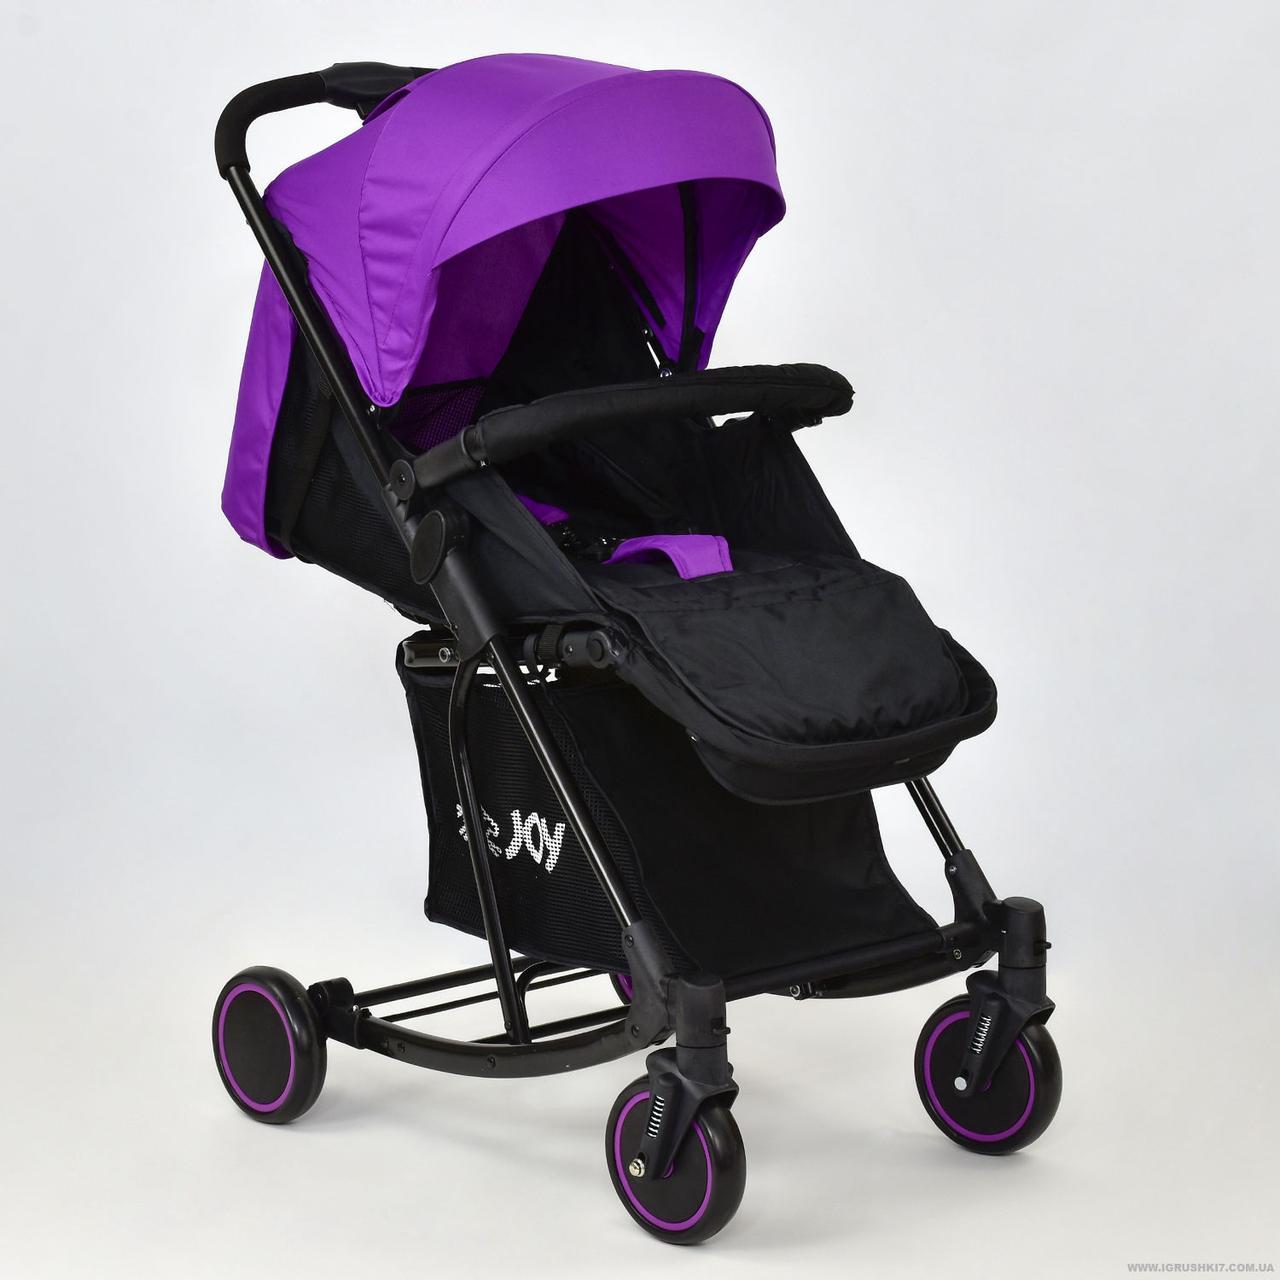 Коляска детская прогулочная Joy T 609 с функцией качания фиолетовый